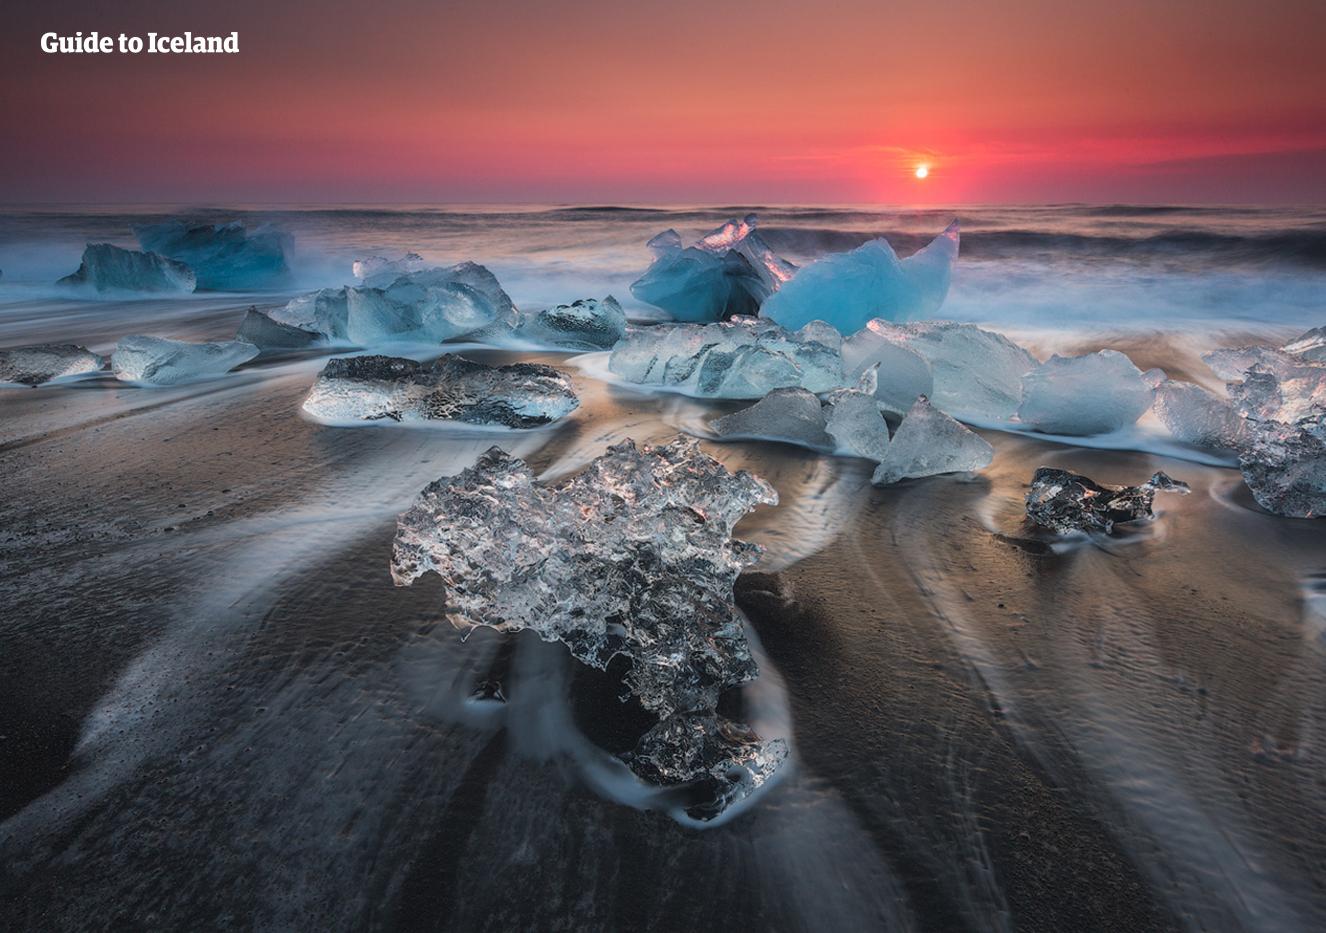 Der Diamantstrand ist ein Fotografenparadies am äußersten Ende der isländischen Südküste.